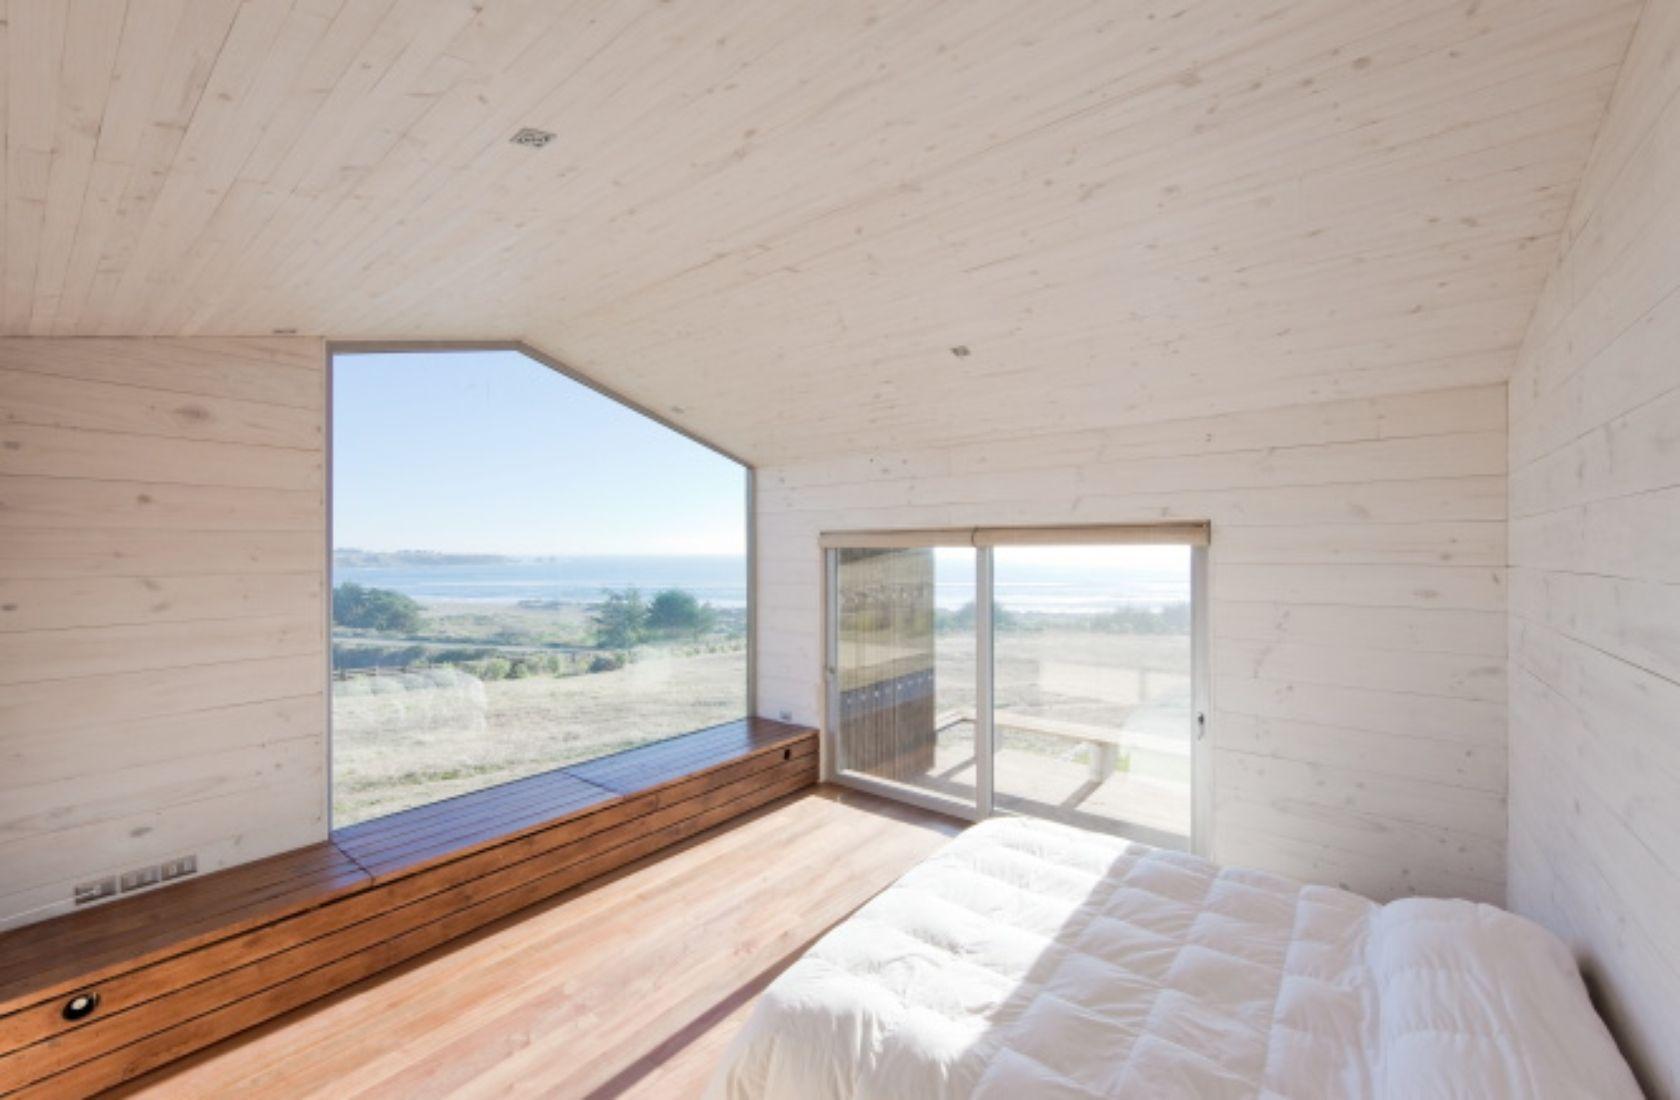 Plint House | Pichilemu, Chile